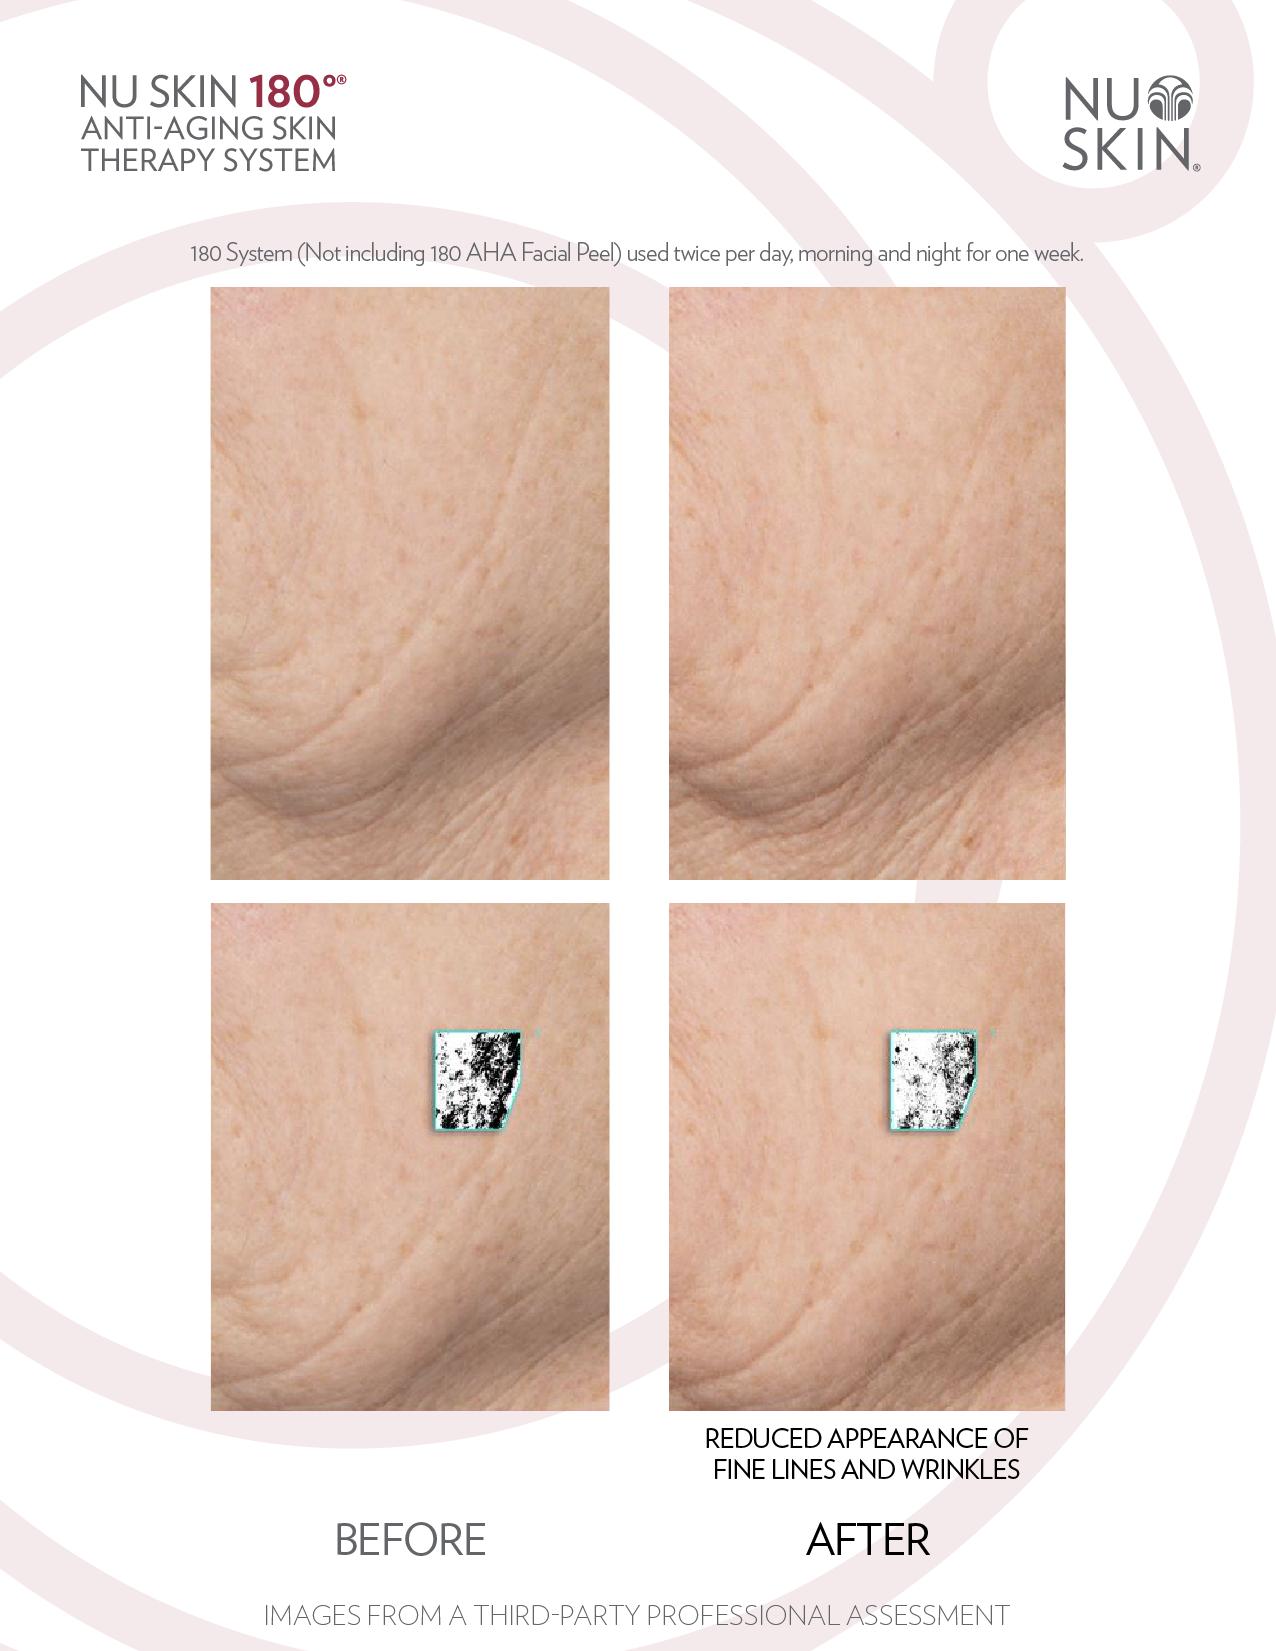 Sistema 180 Nu Skin Terapia Anti-Envejecimiento Mexico Presio